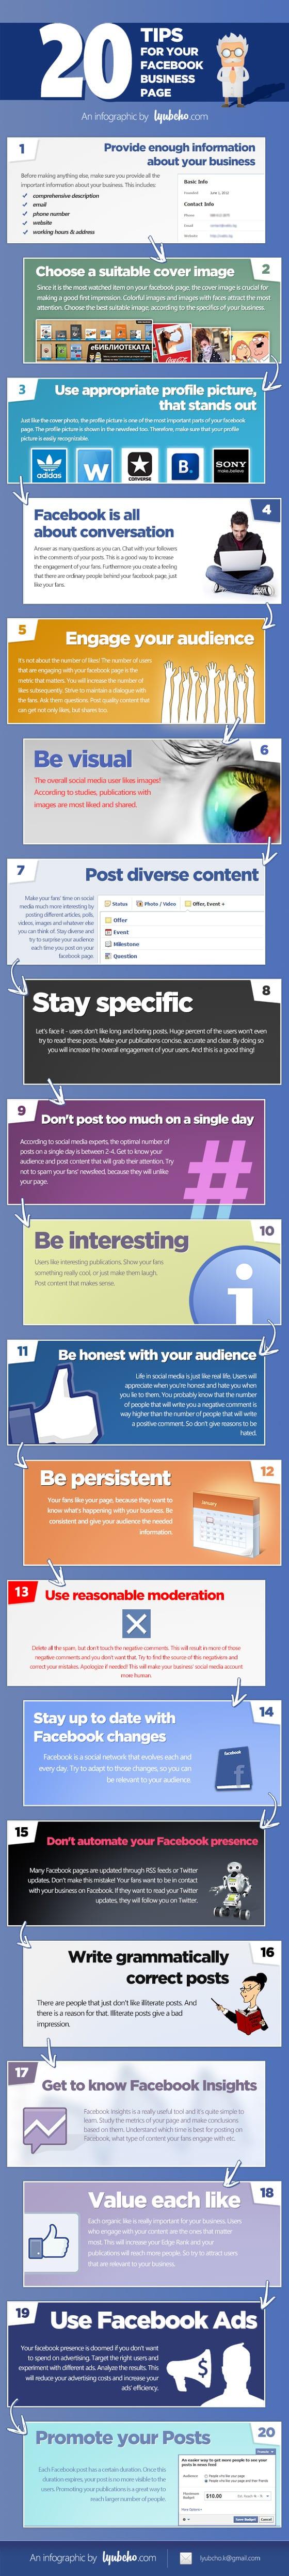 Aan de slag met je Facebook bedrijfspagina- 20 tips [infographic]